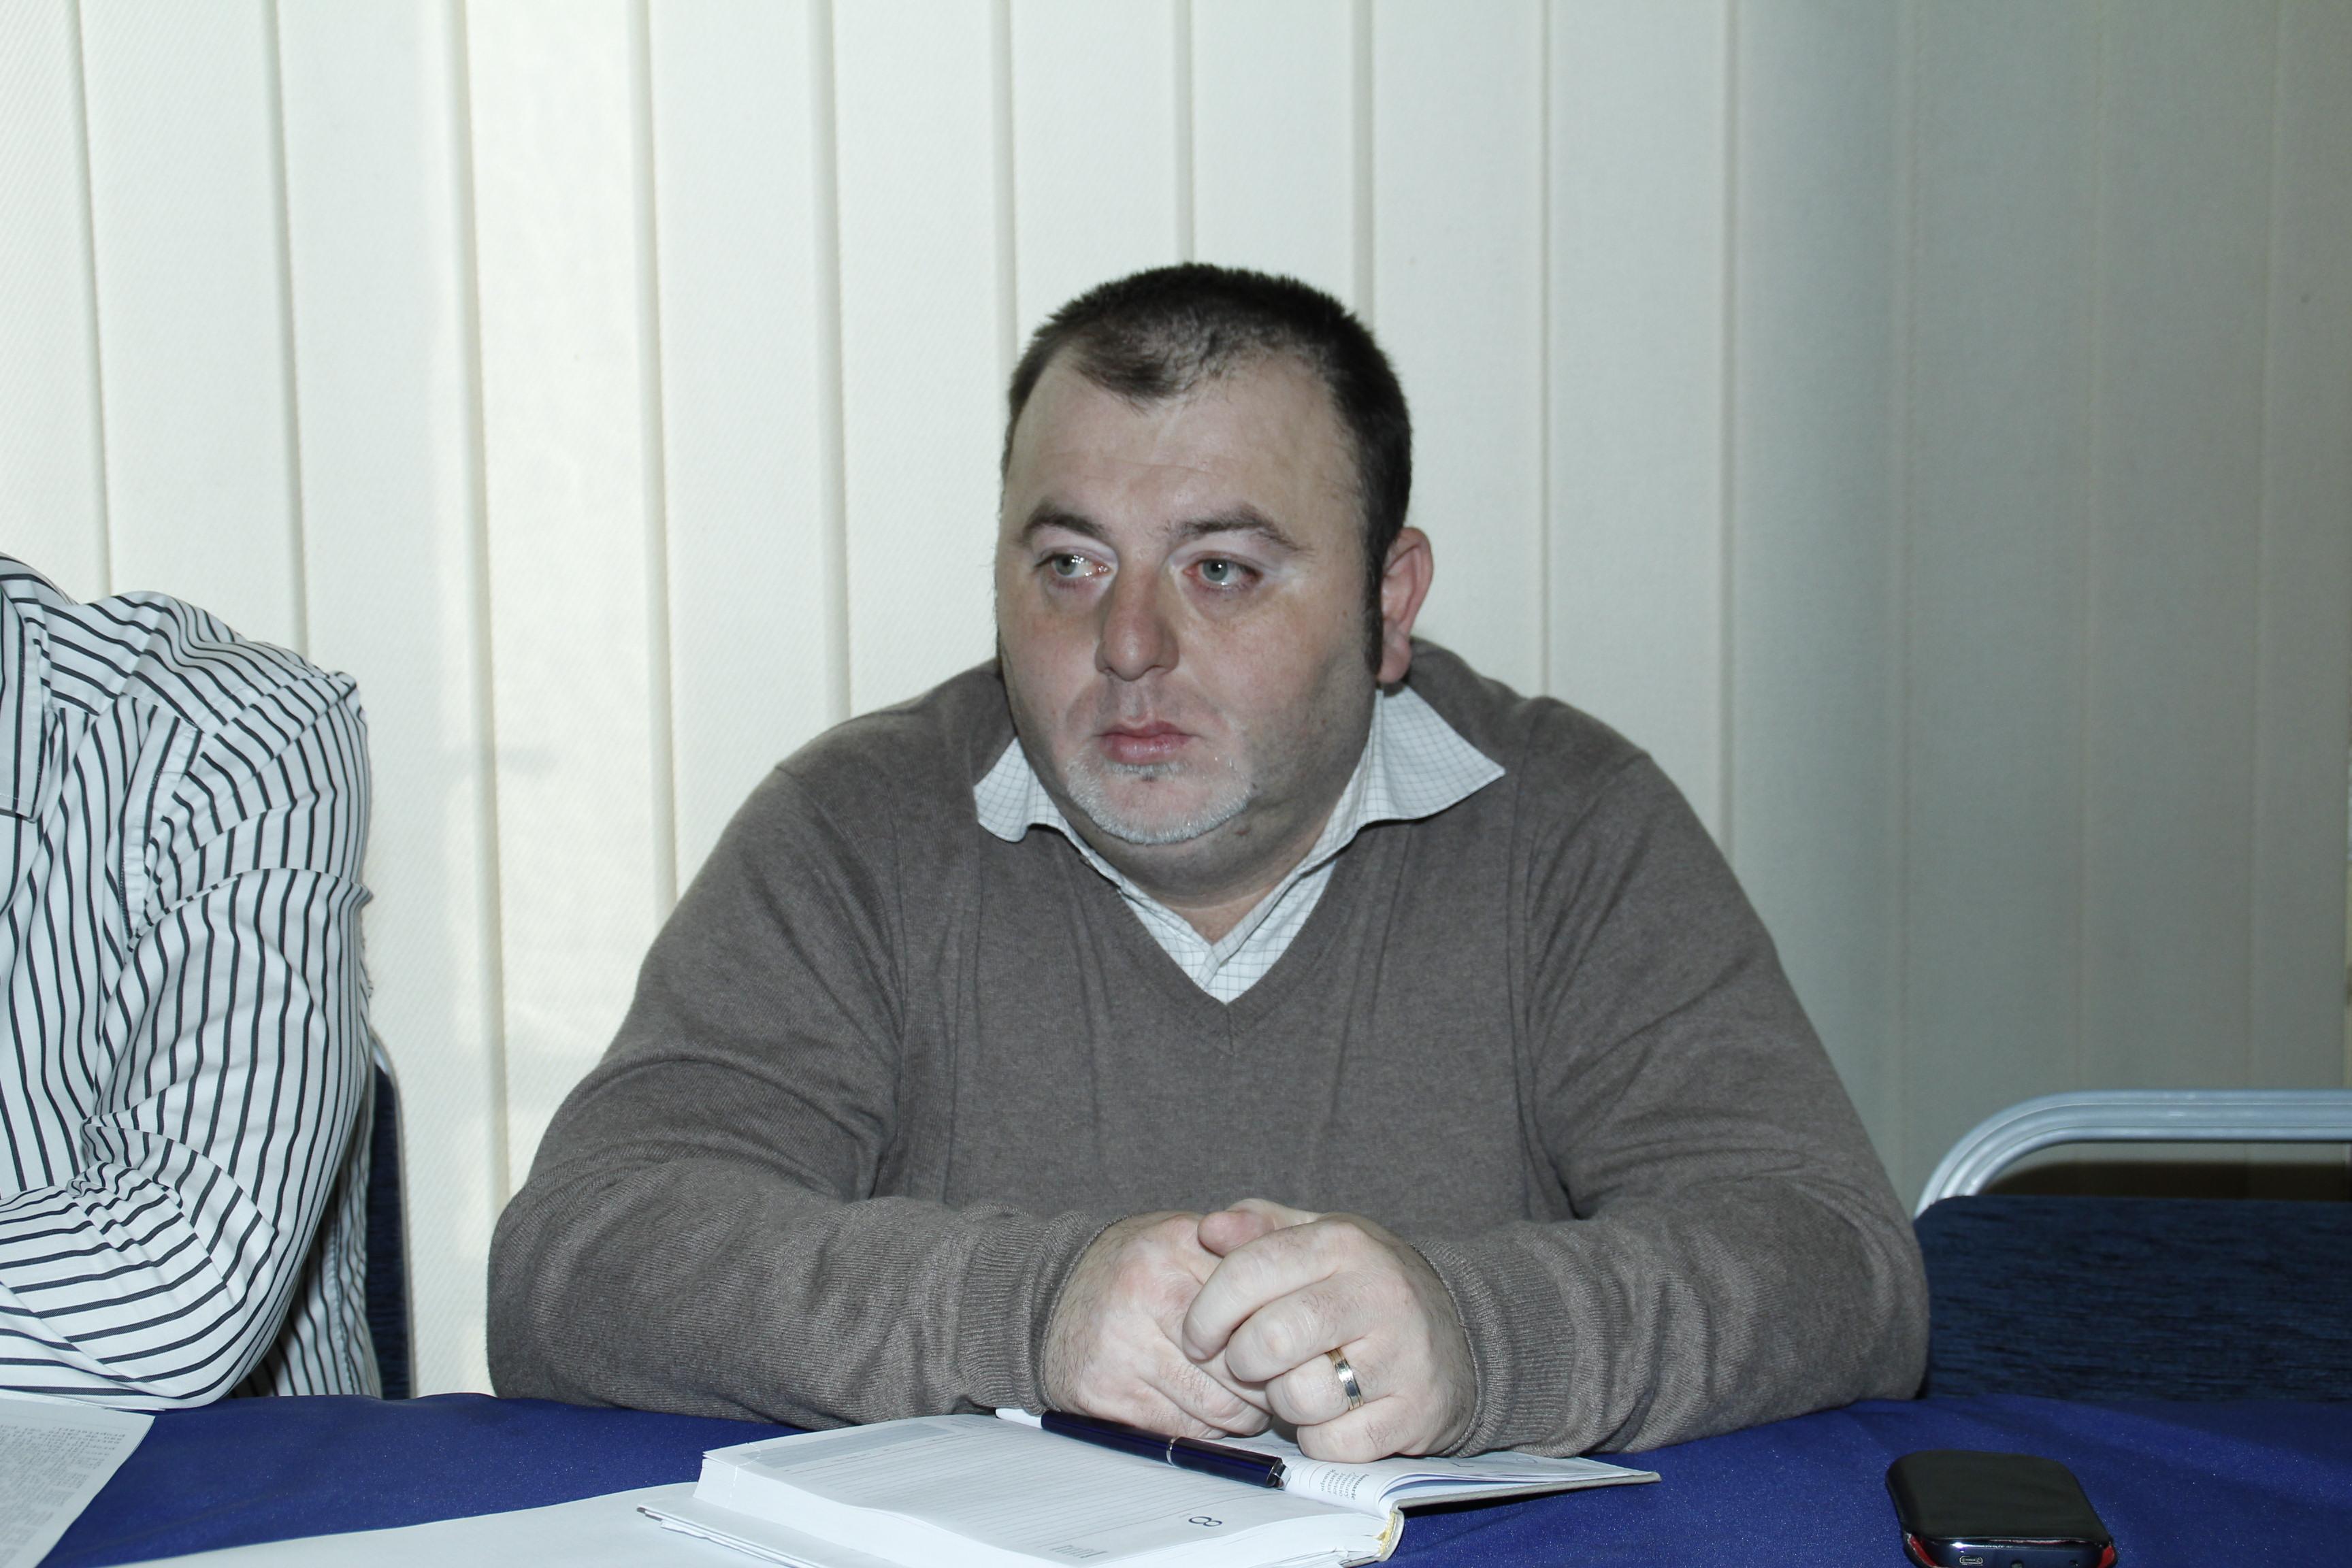 Photo of Băgat în comisia de disciplină… Cosmin Vasile, directorul tehnic al Primăriei Deva, a intrat în concediu paternal